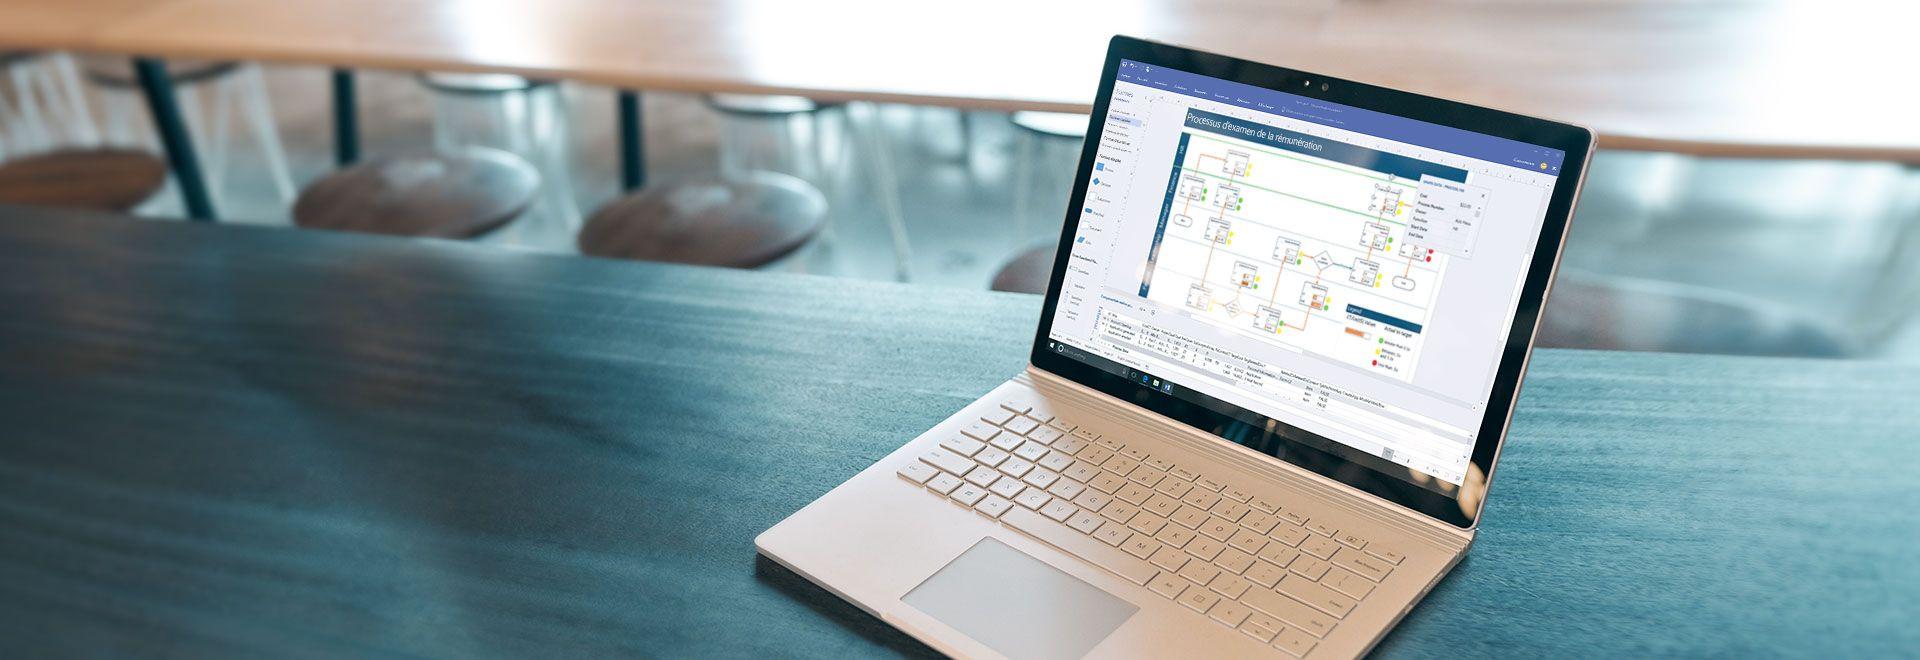 Ordinateur portable affichant un diagramme de flux de travail de processus dans Visio Online Plan 2